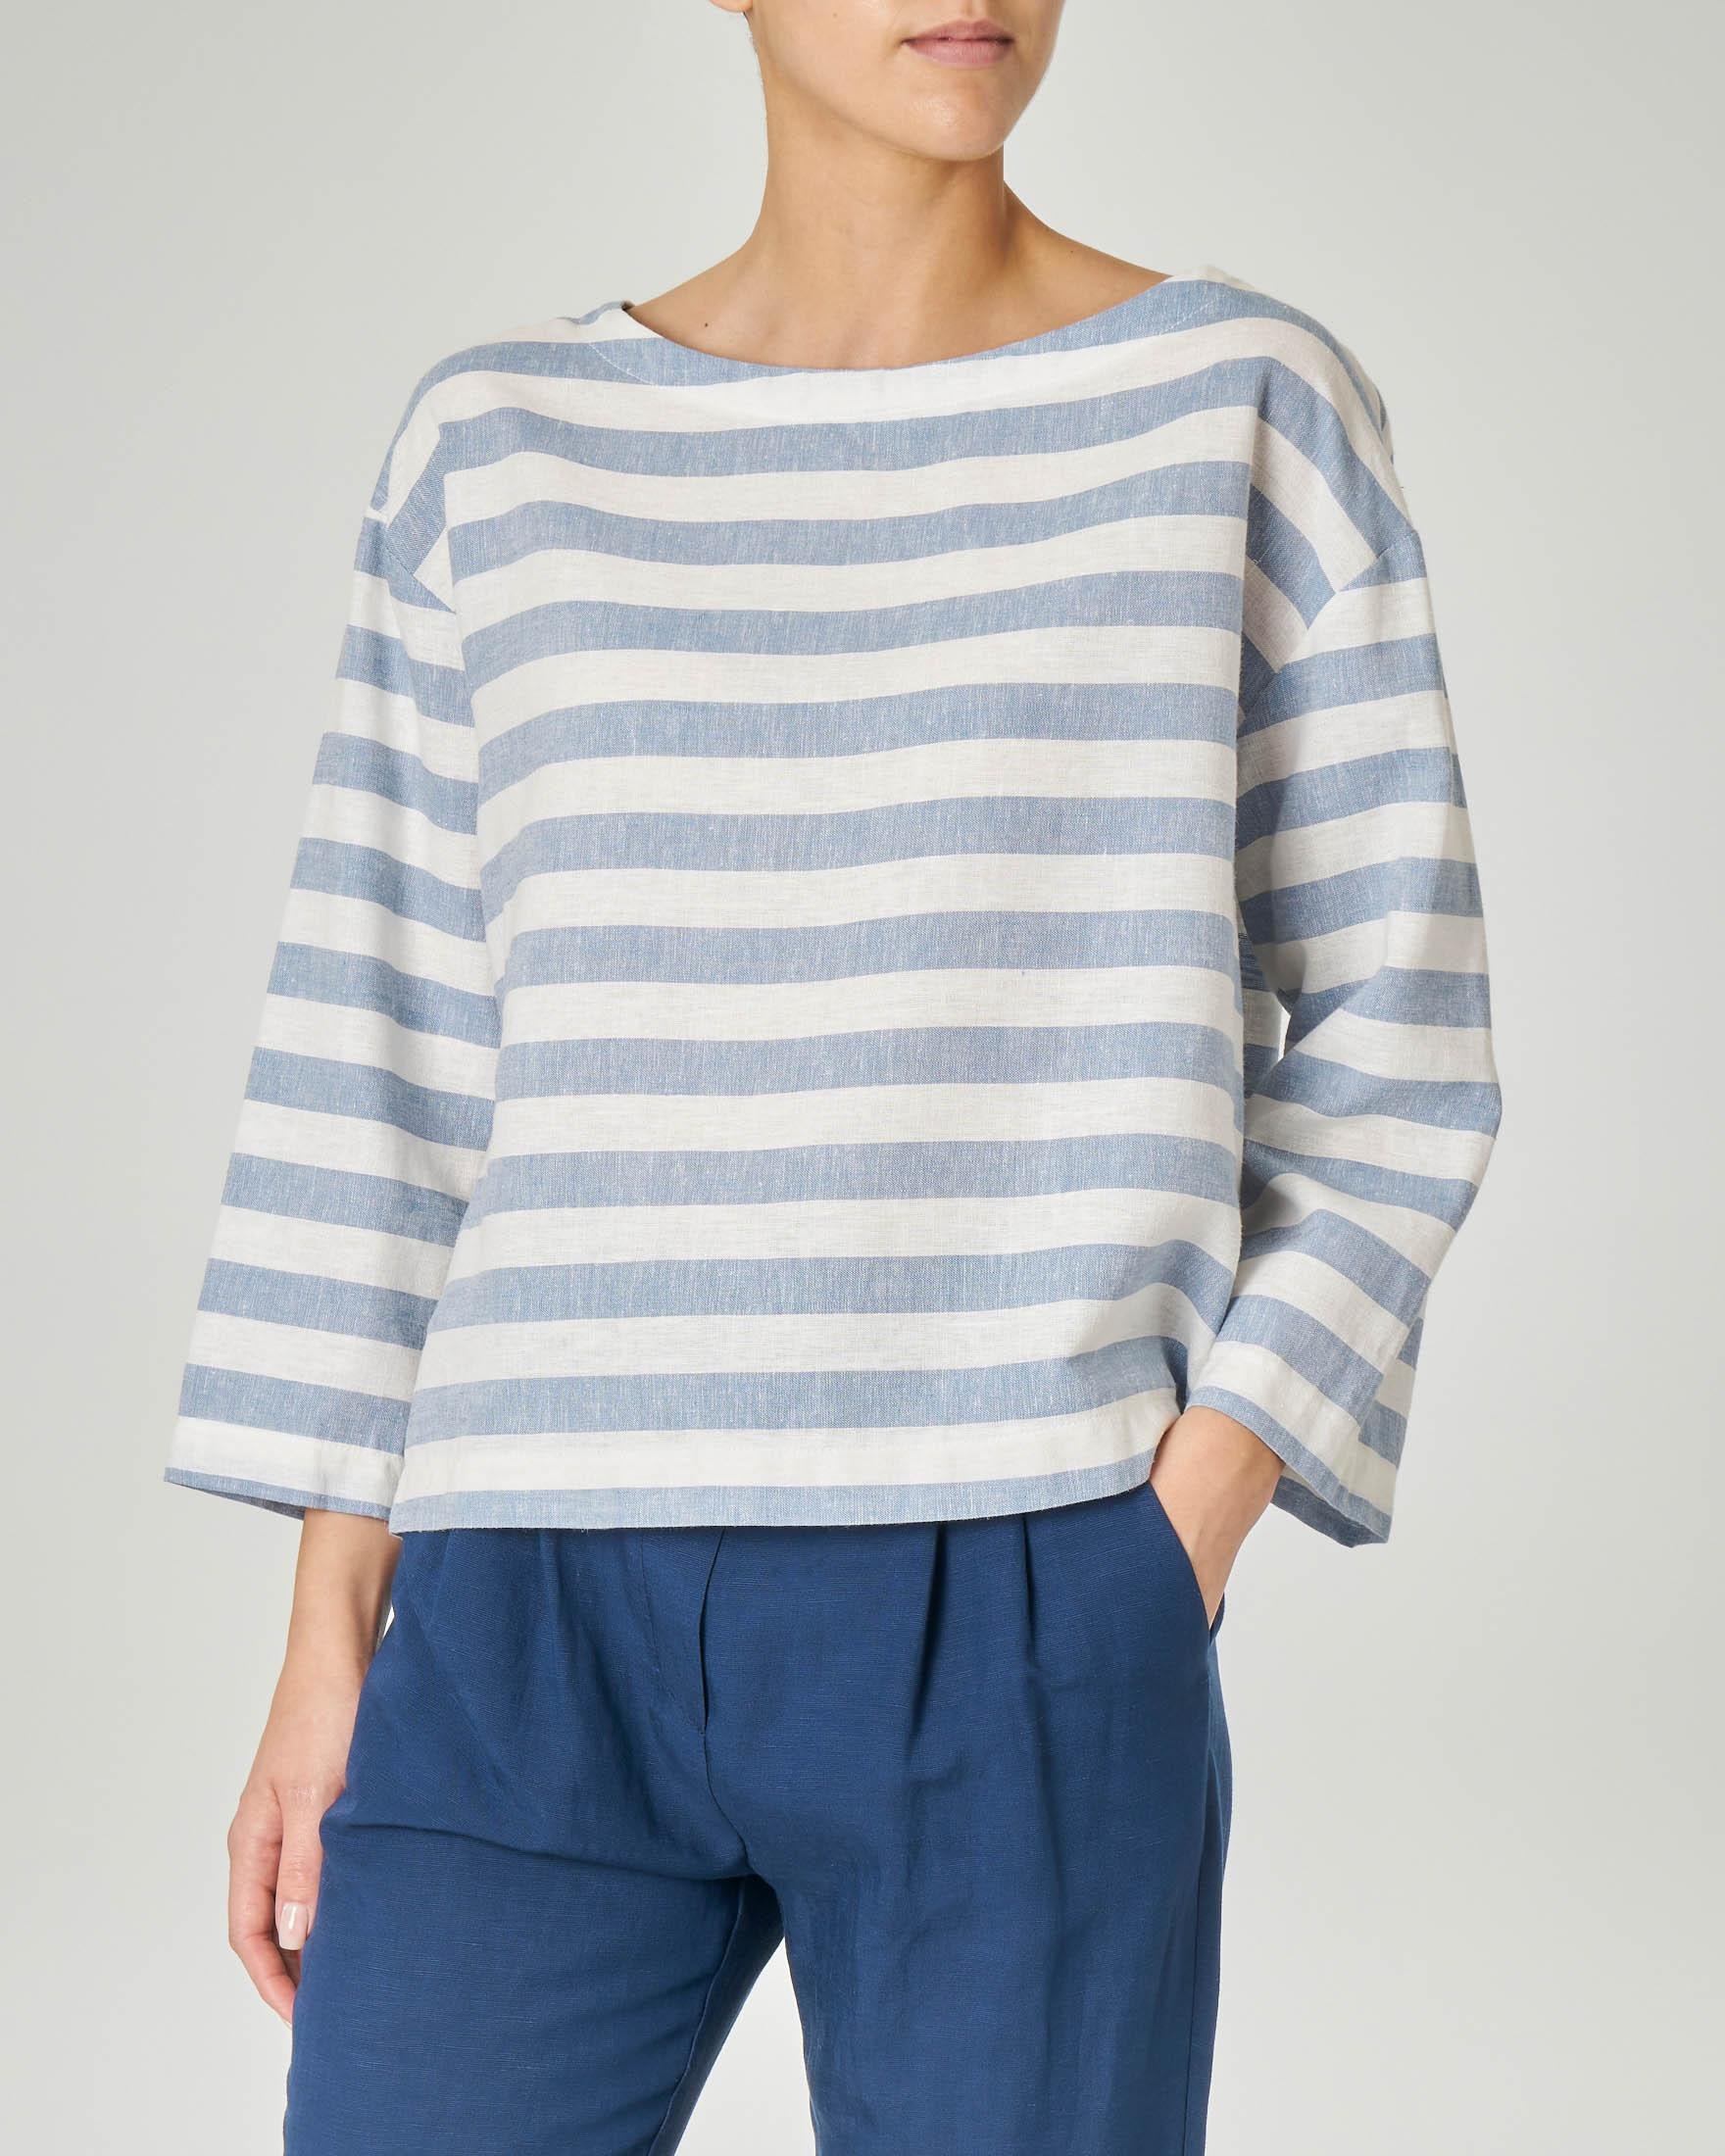 Blusa in viscosa misto lino a righe bianche e azzurre con maniche tre quarti